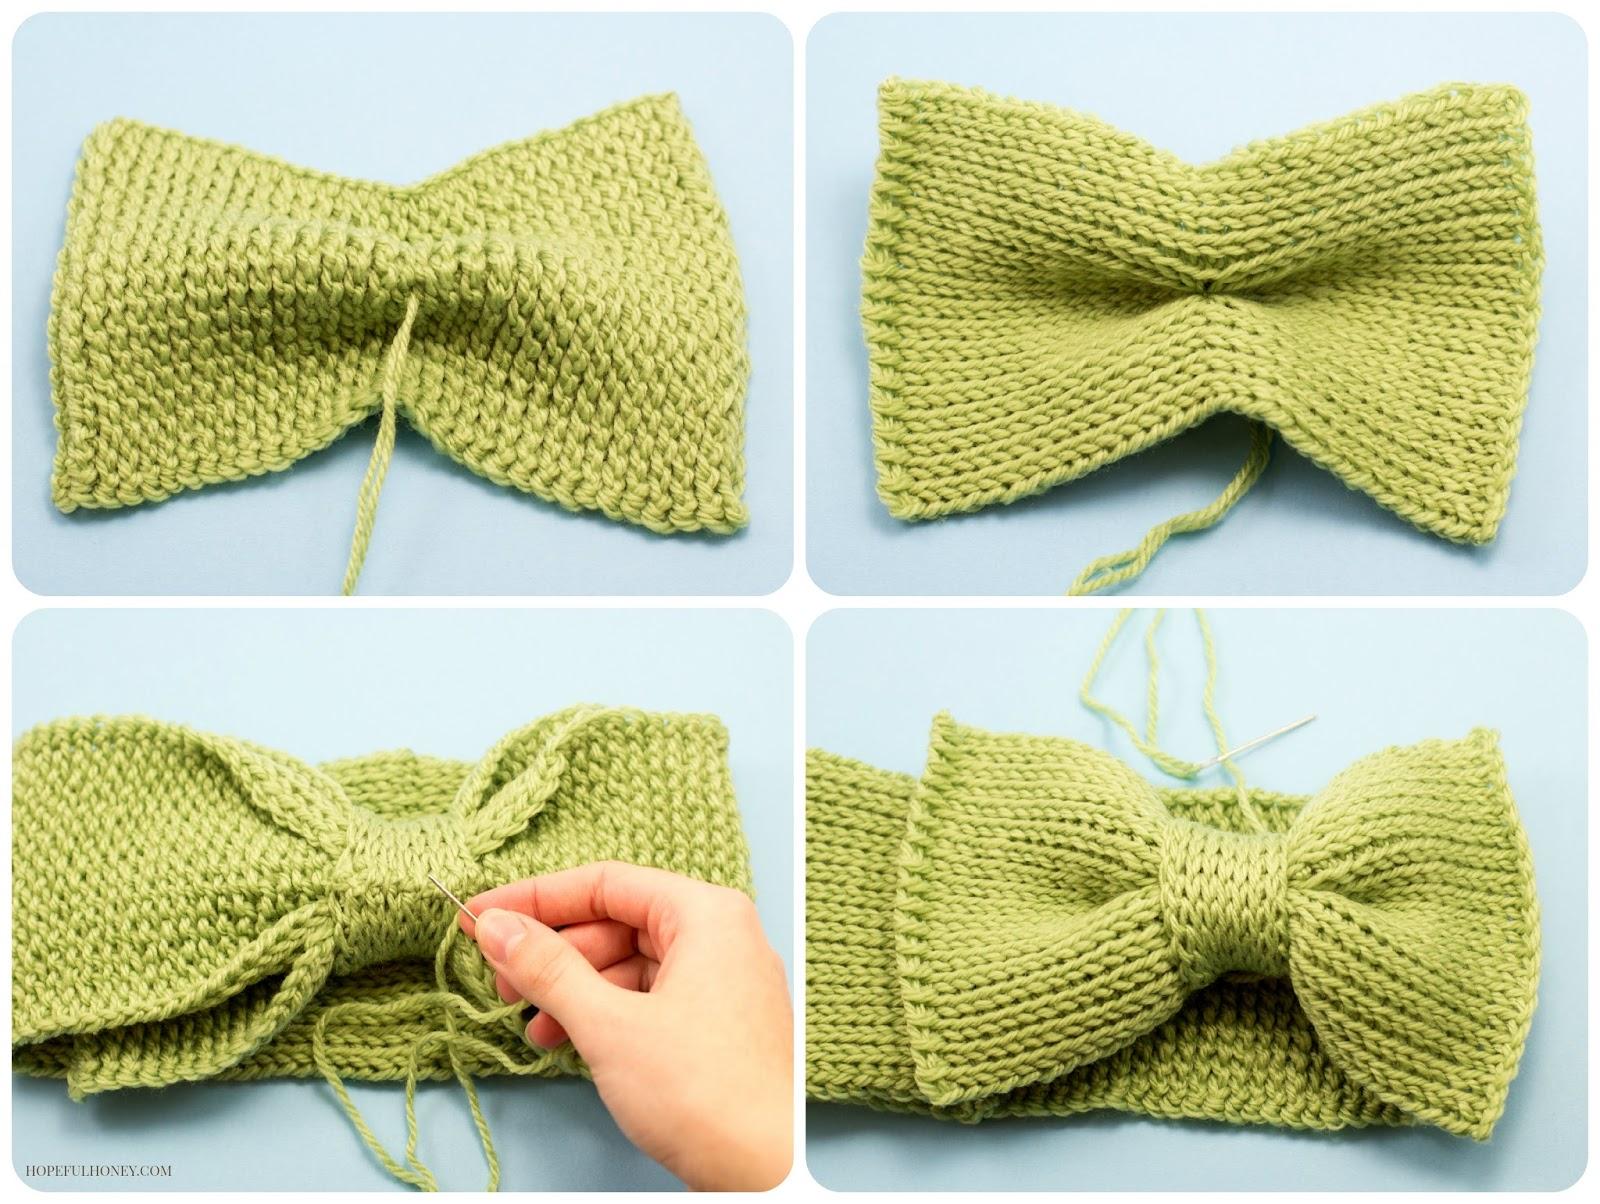 http://2.bp.blogspot.com/-QPztPEYrxA4/U7ljDqhFc1I/AAAAAAAALzA/keNR_XKPg5Q/s1600/Sweetie+Pie+Bow+Headband+Crochet+Pattern+4.jpg